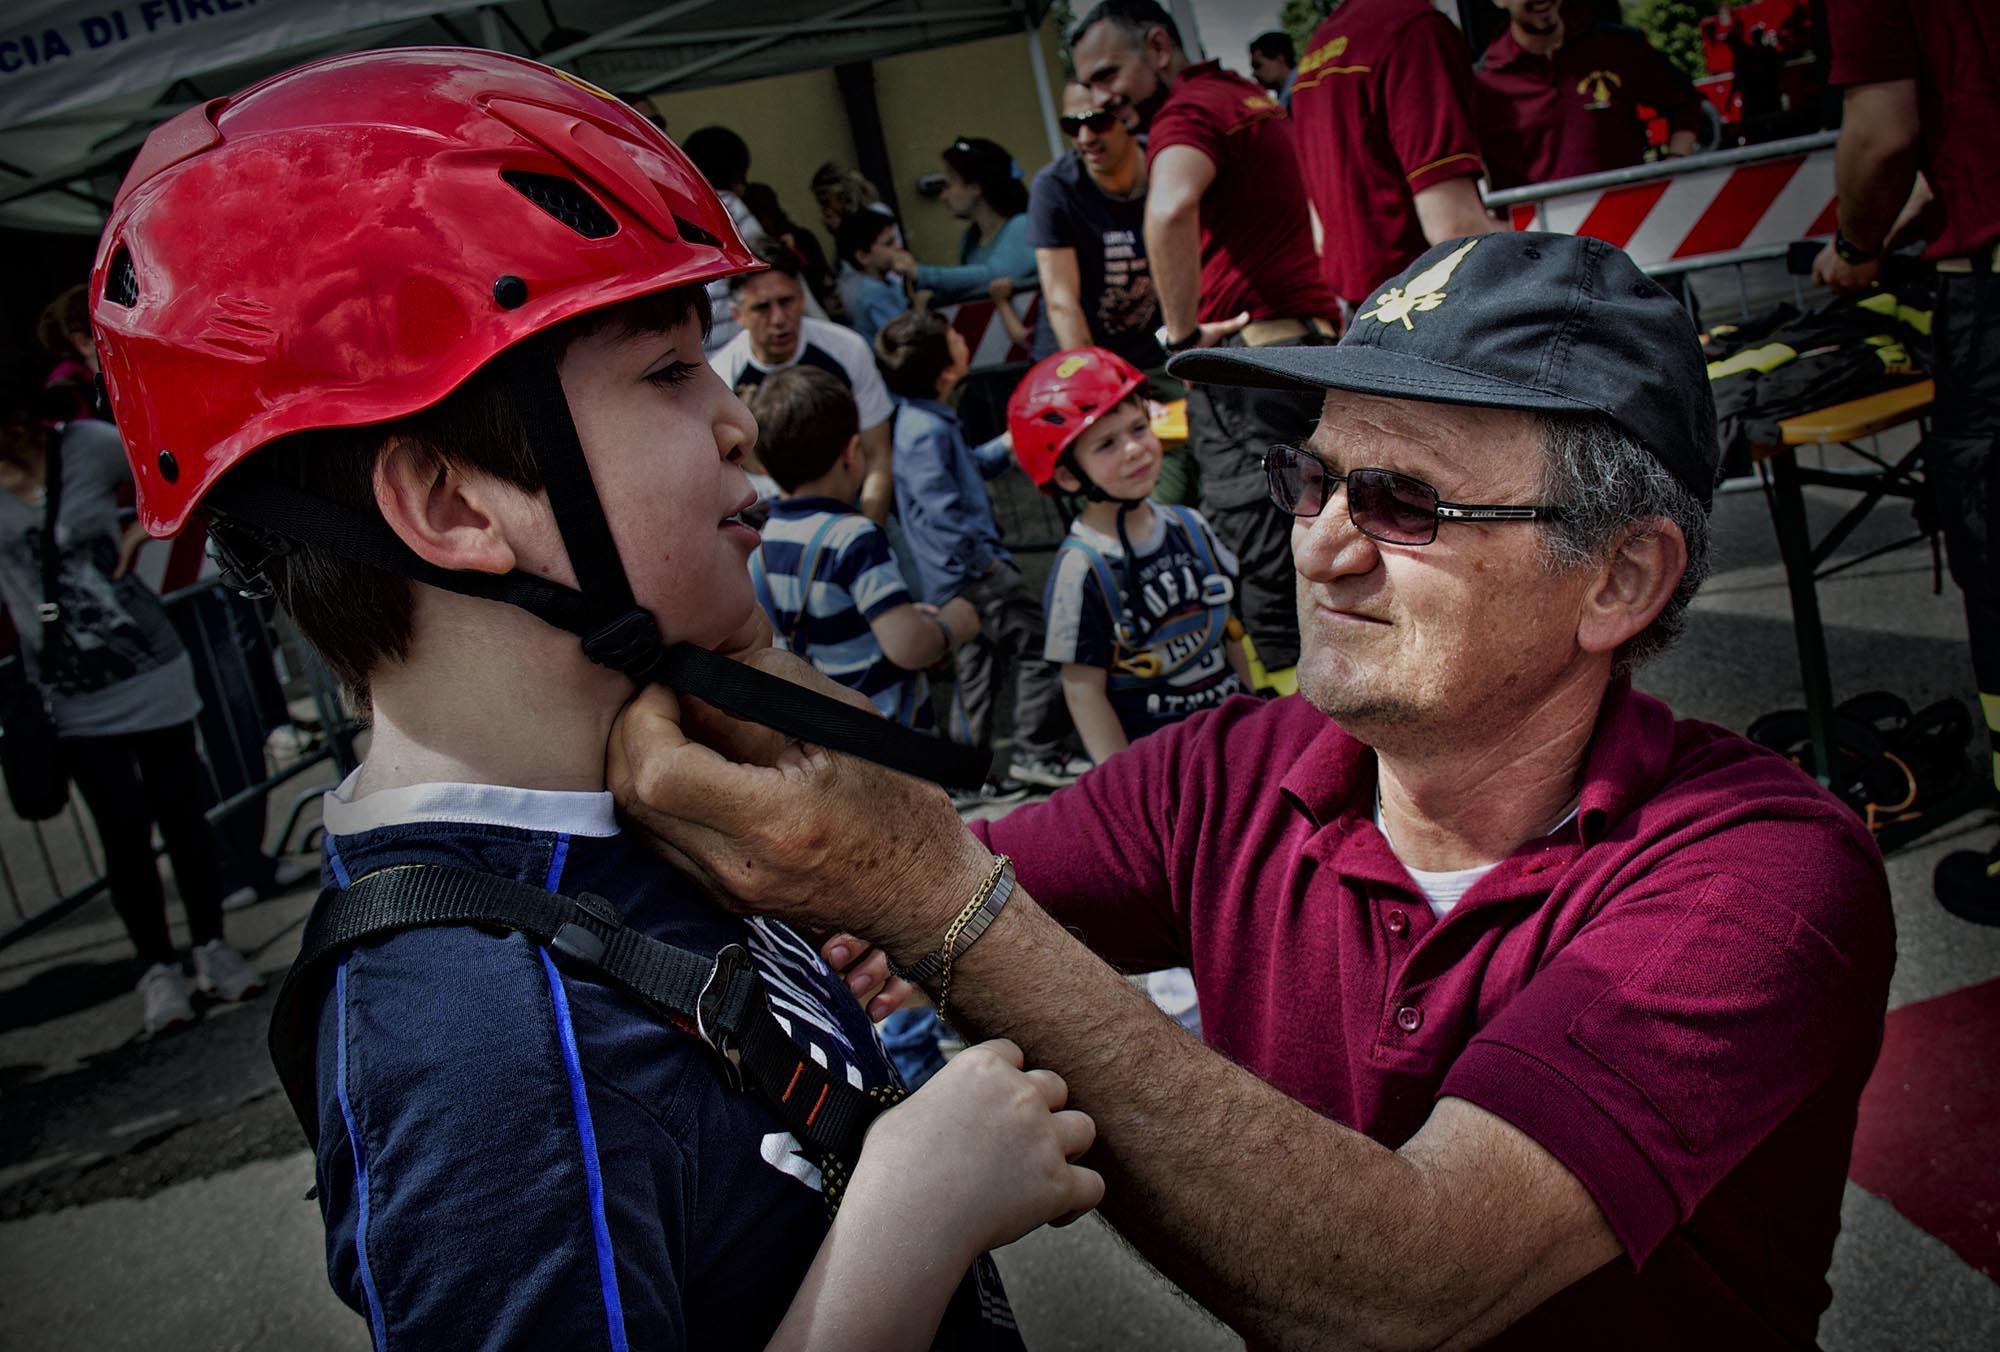 0029 pompieropoli esercitazioni antincendio bambini 2 - Pompieropoli, esercitazione antincendio con i bambini